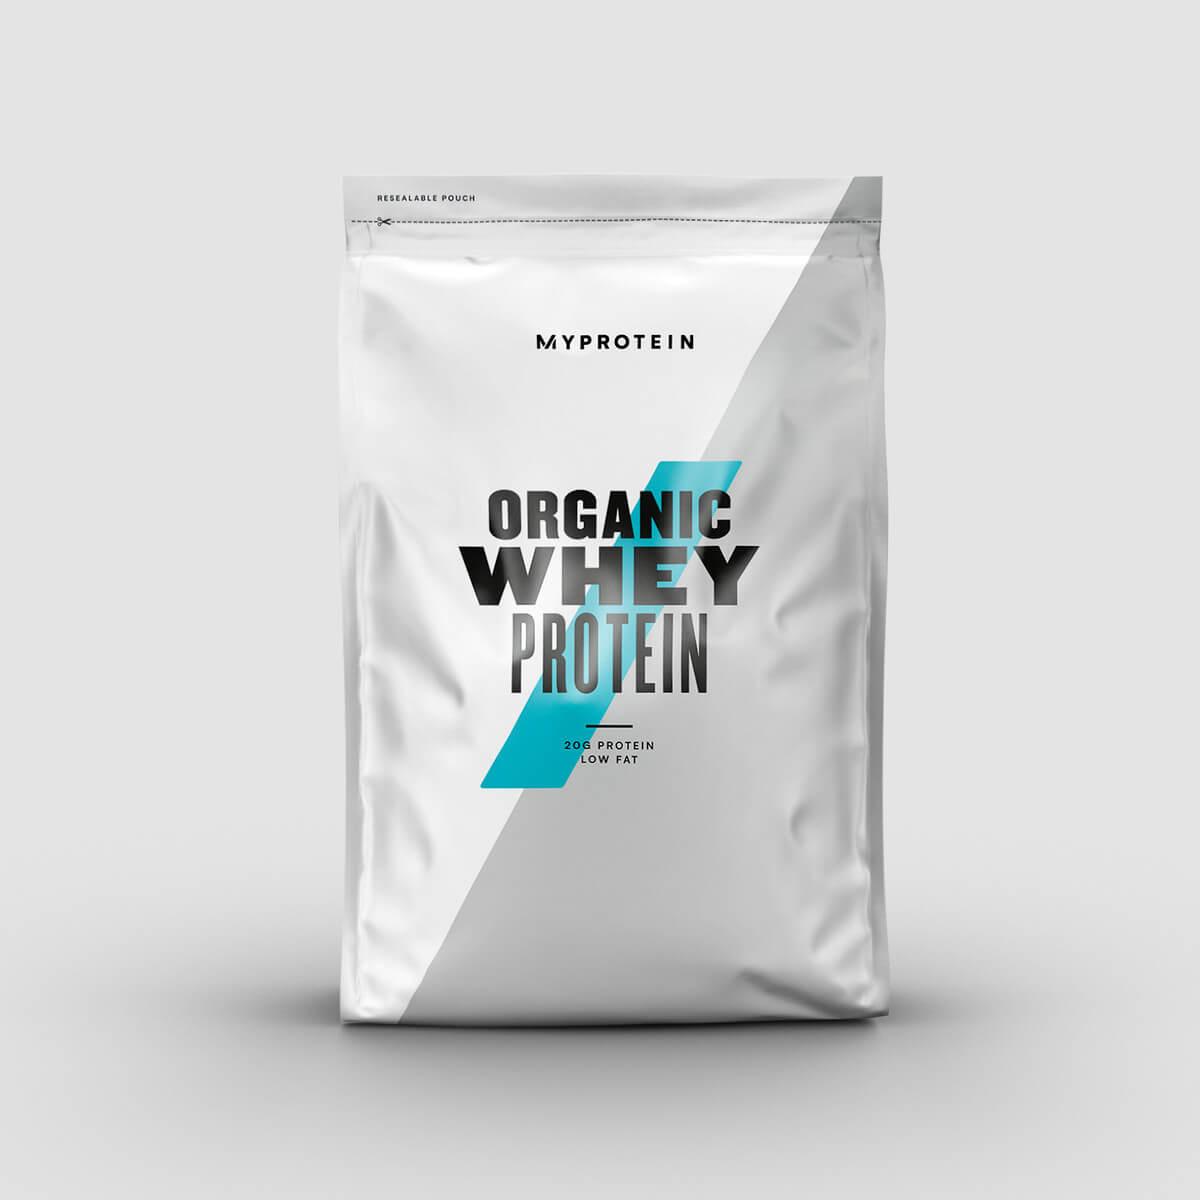 Myprotein Protéine de Whey Bio - 1kg - Sans arôme ajouté